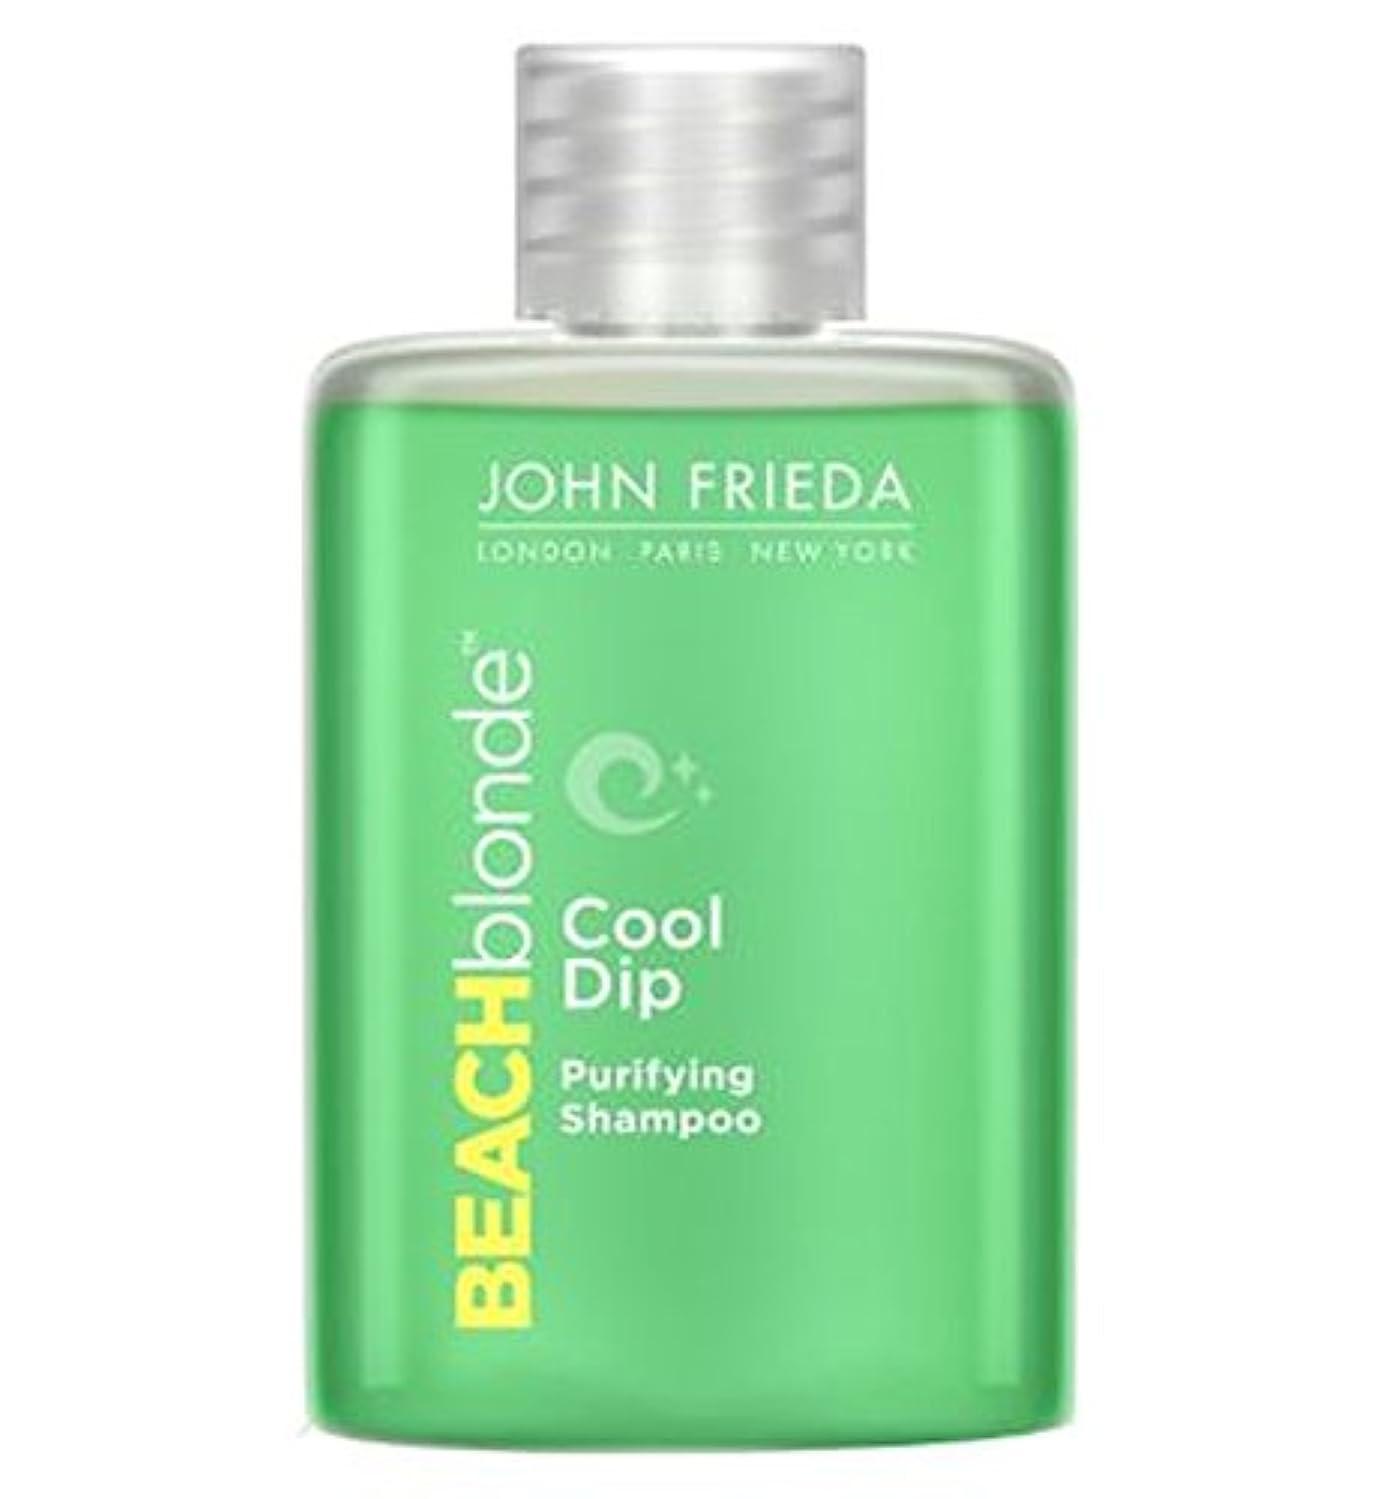 潤滑するこだわり同封するジョンFrieda?ビーチ金髪クールディップ浄化シャンプー50ミリリットル (John Frieda) (x2) - John Frieda? Beach Blonde Cool Dip Purifying Shampoo 50ml (Pack of 2) [並行輸入品]